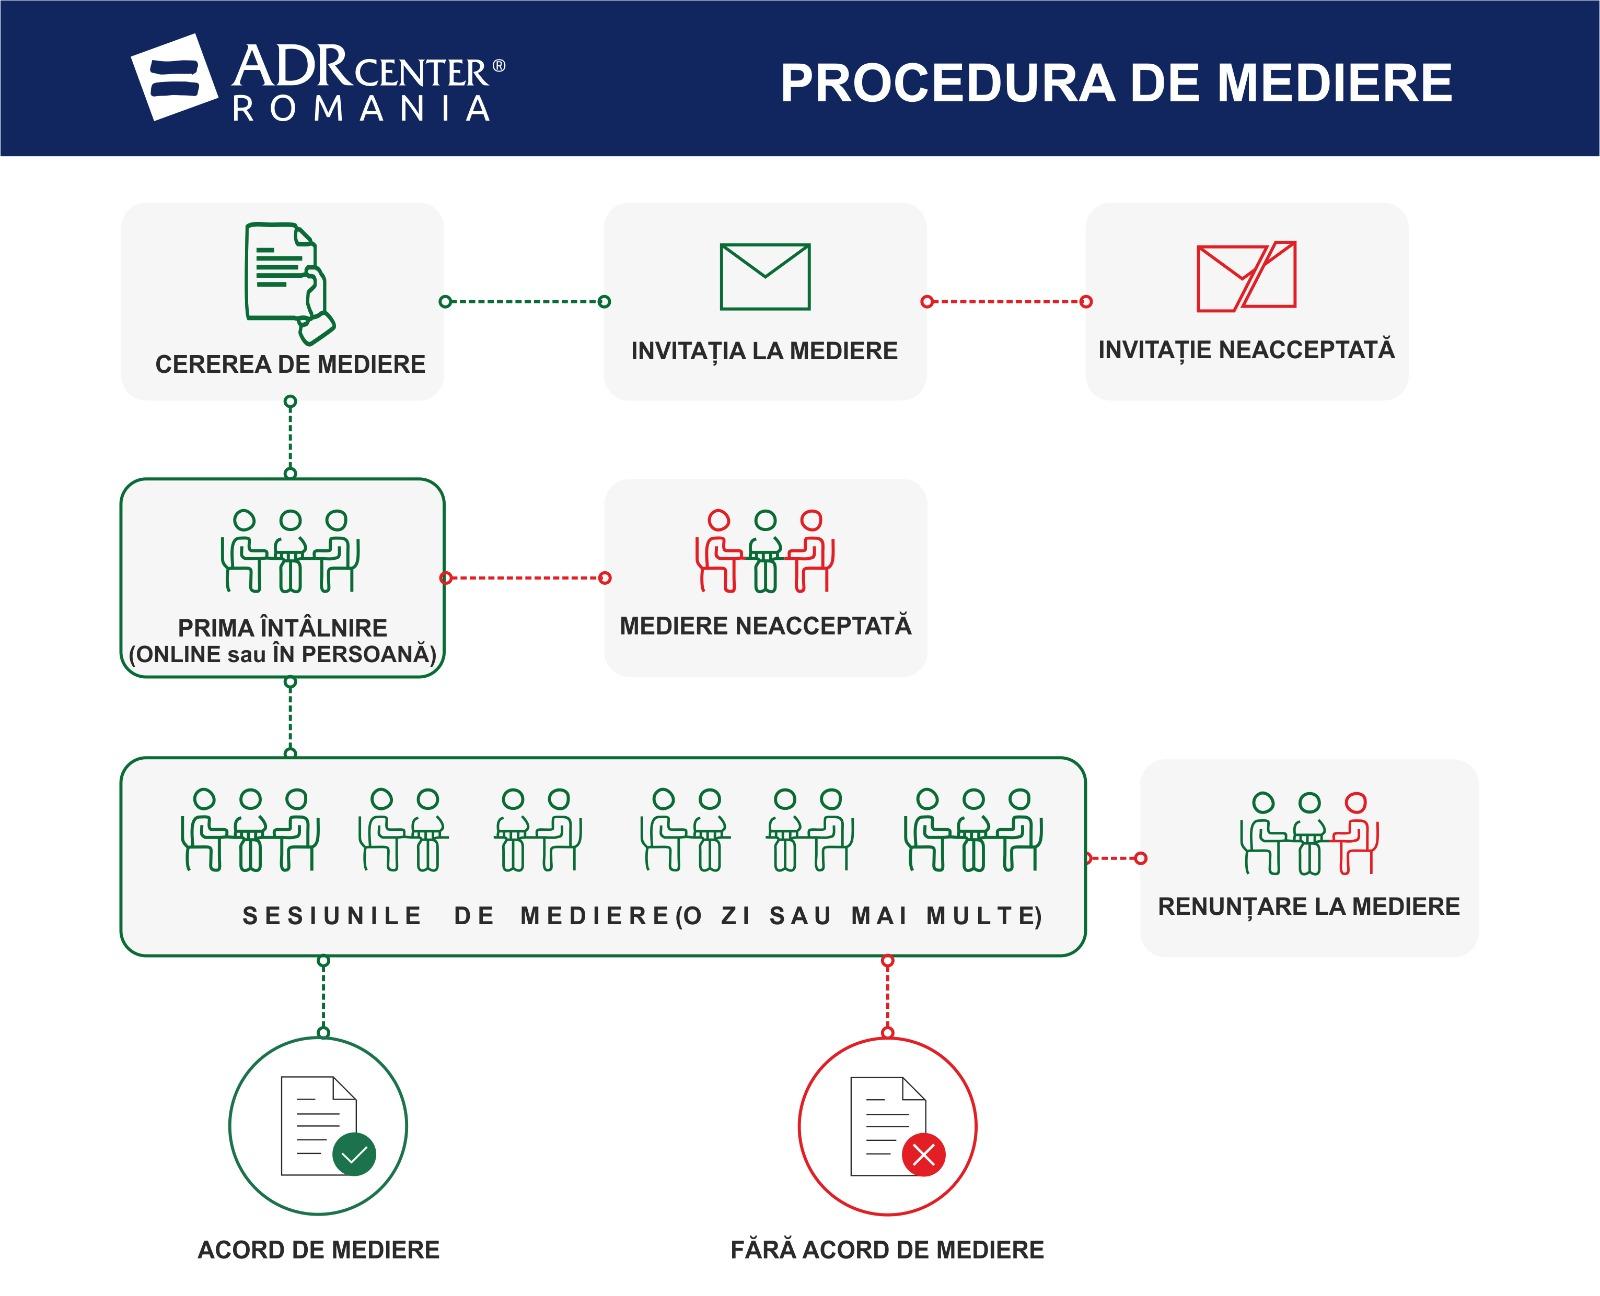 Procedura de mediere